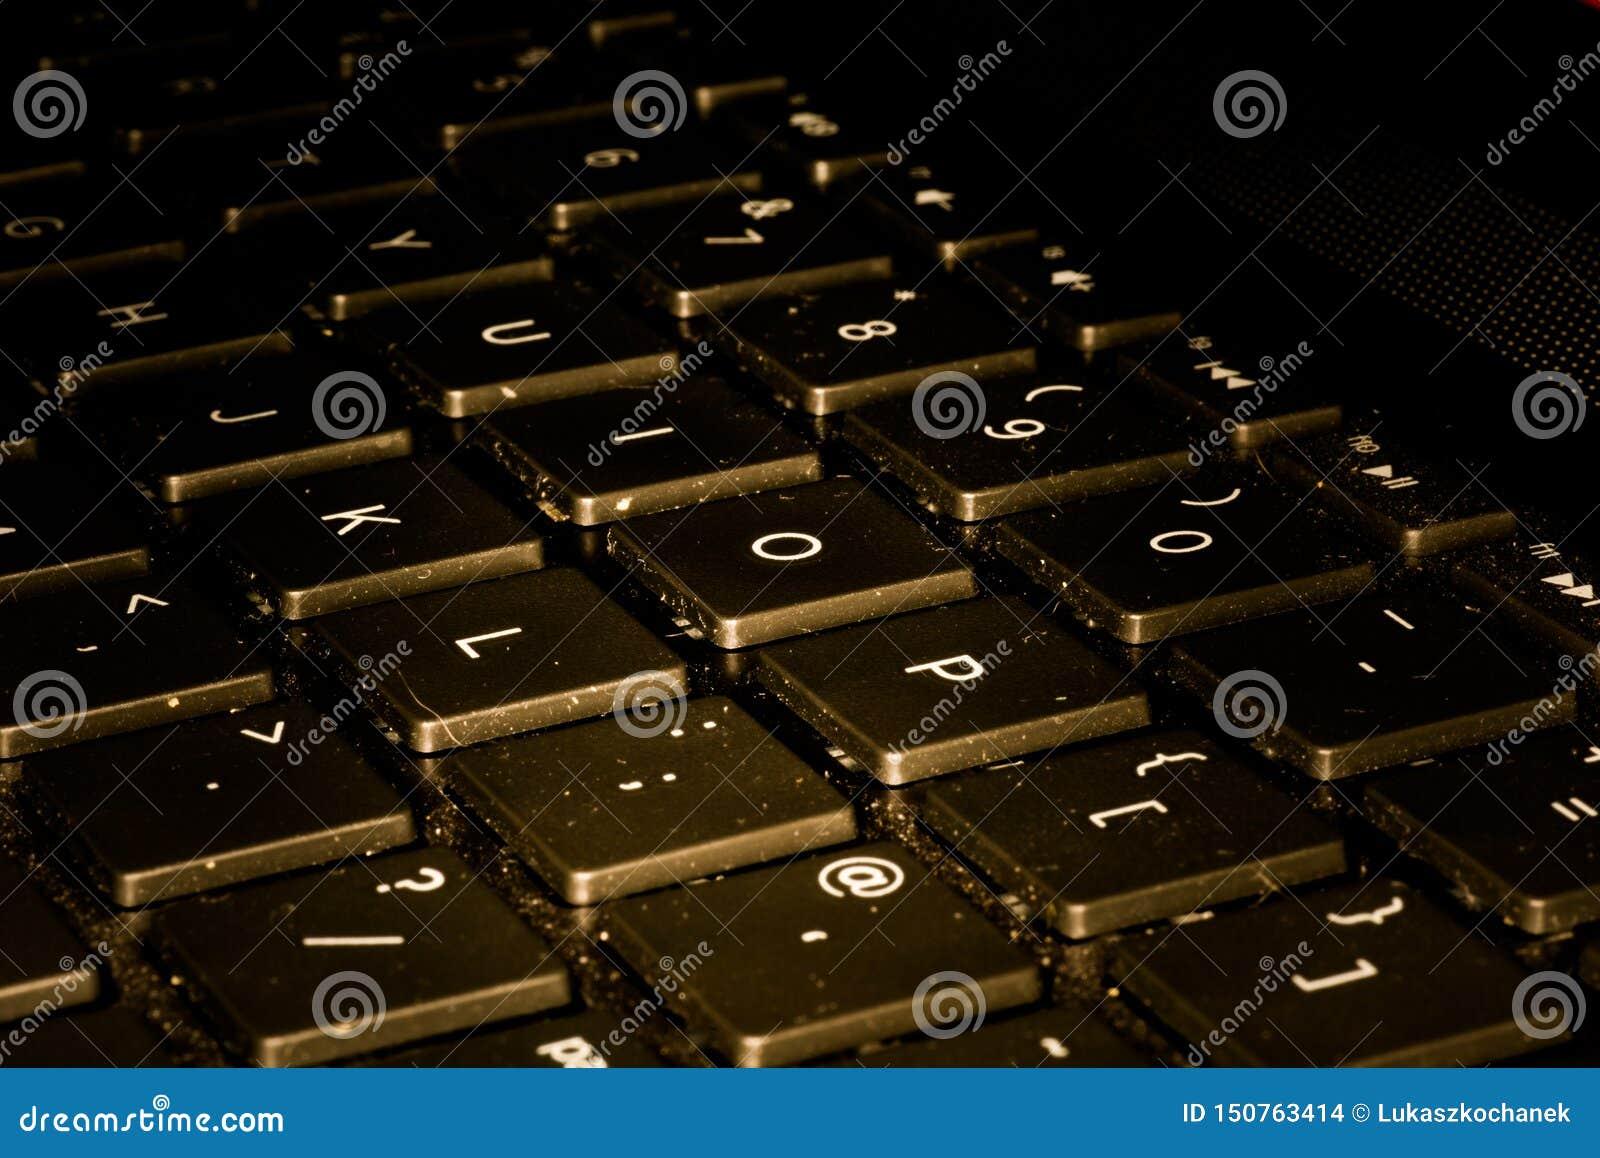 键盘特写镜头,当钥匙被推挤时